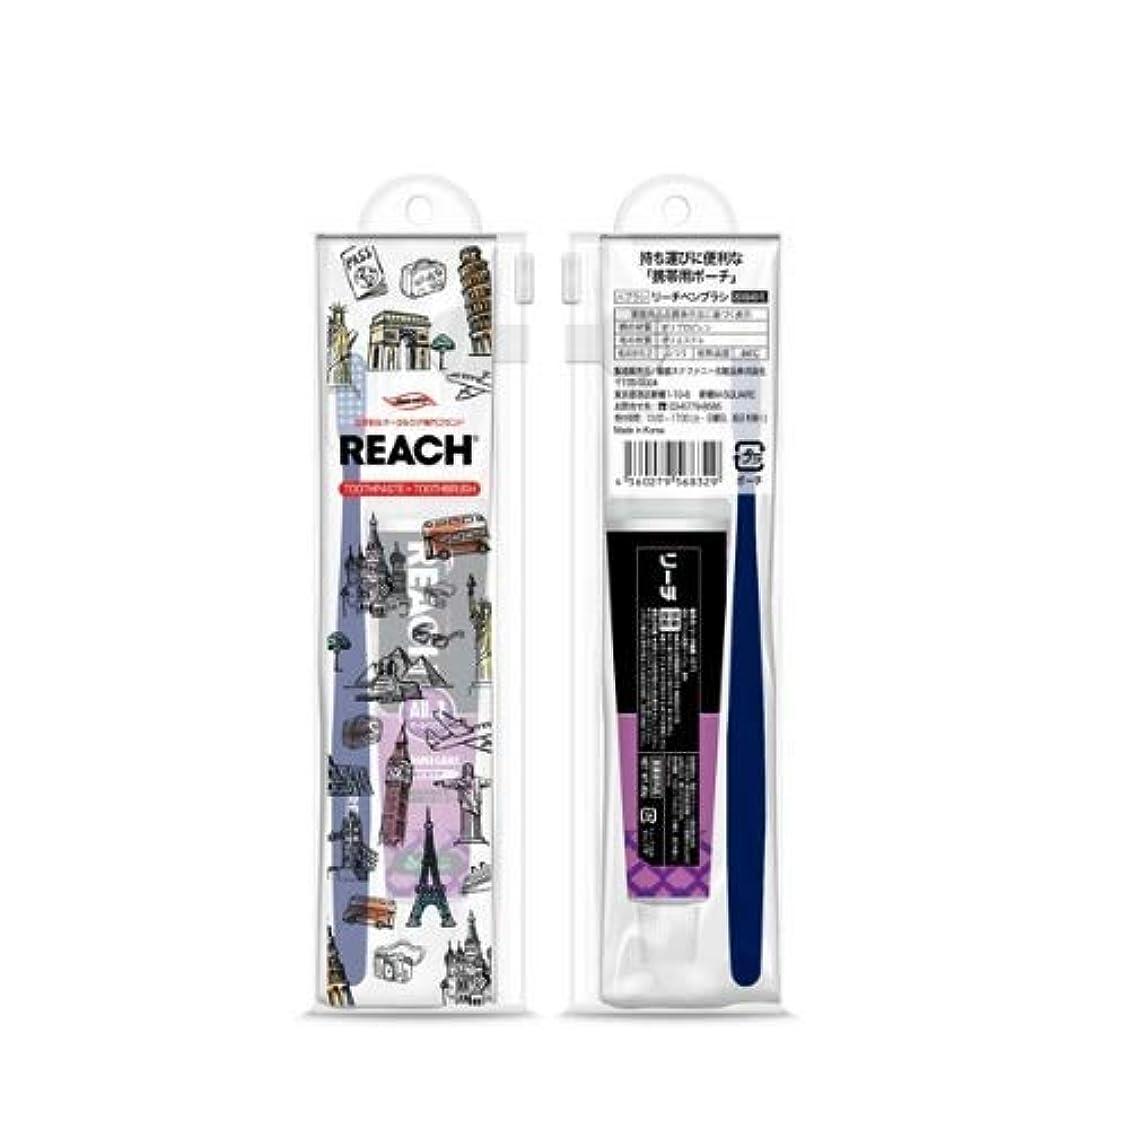 リーチトラベルセット(デンタル歯ブラシ1本?薬用歯みがき40g) × 3個セット